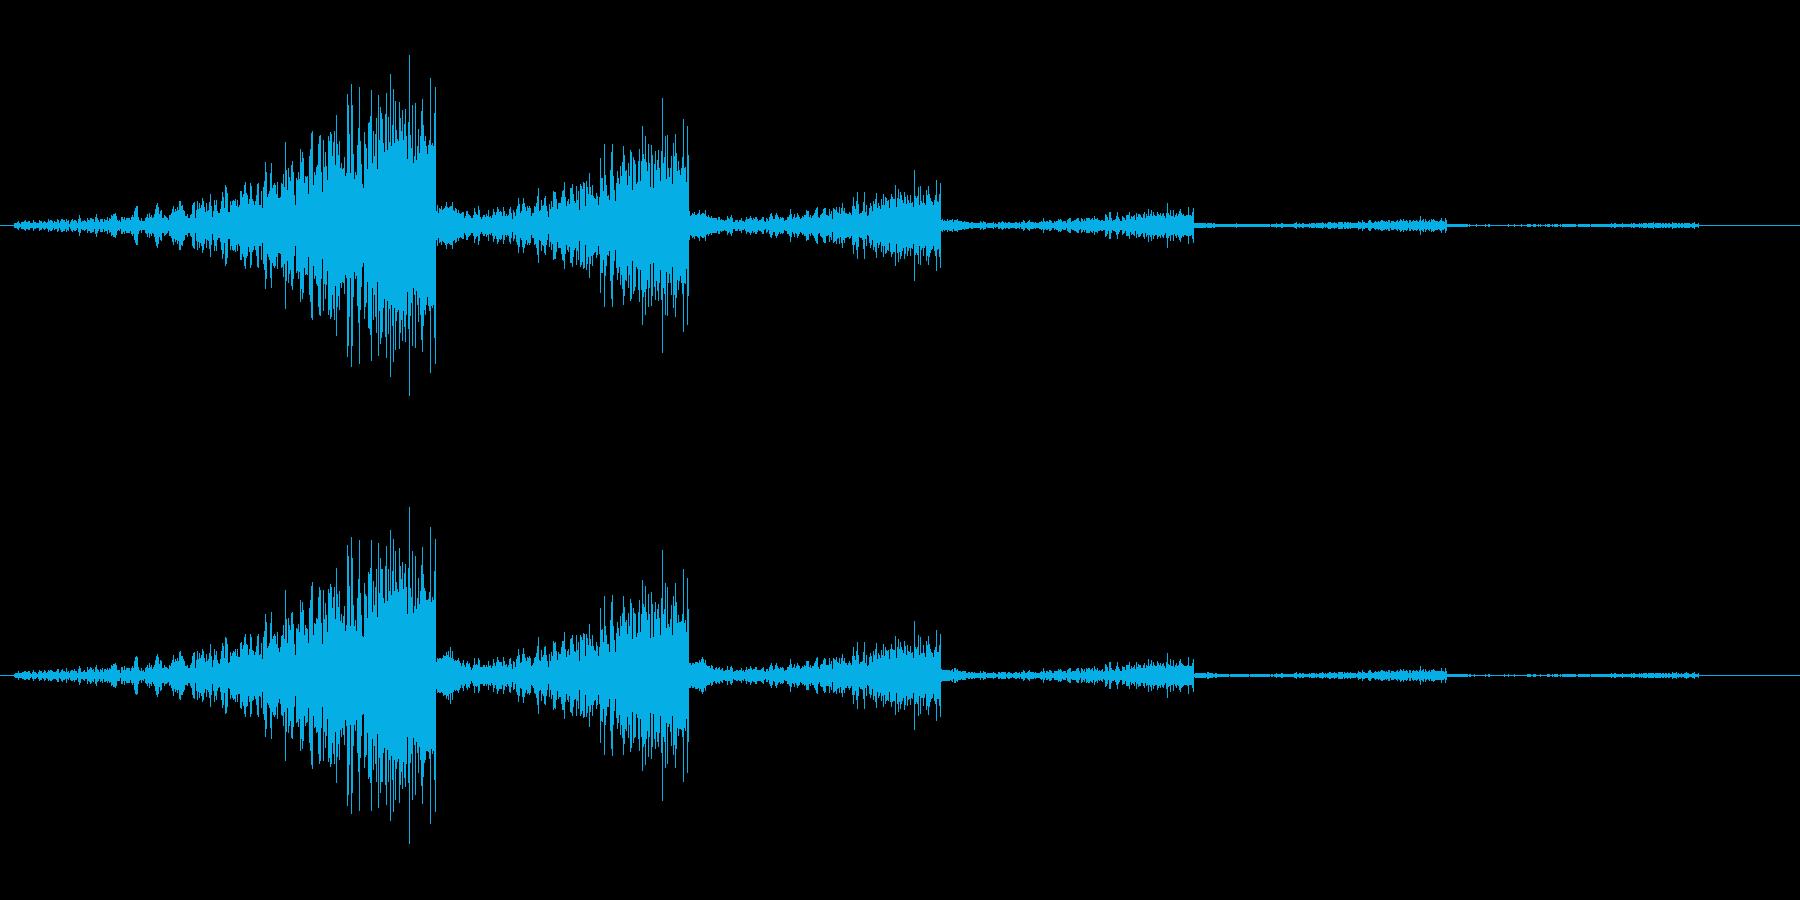 シュワンシュワン(通る音)の再生済みの波形